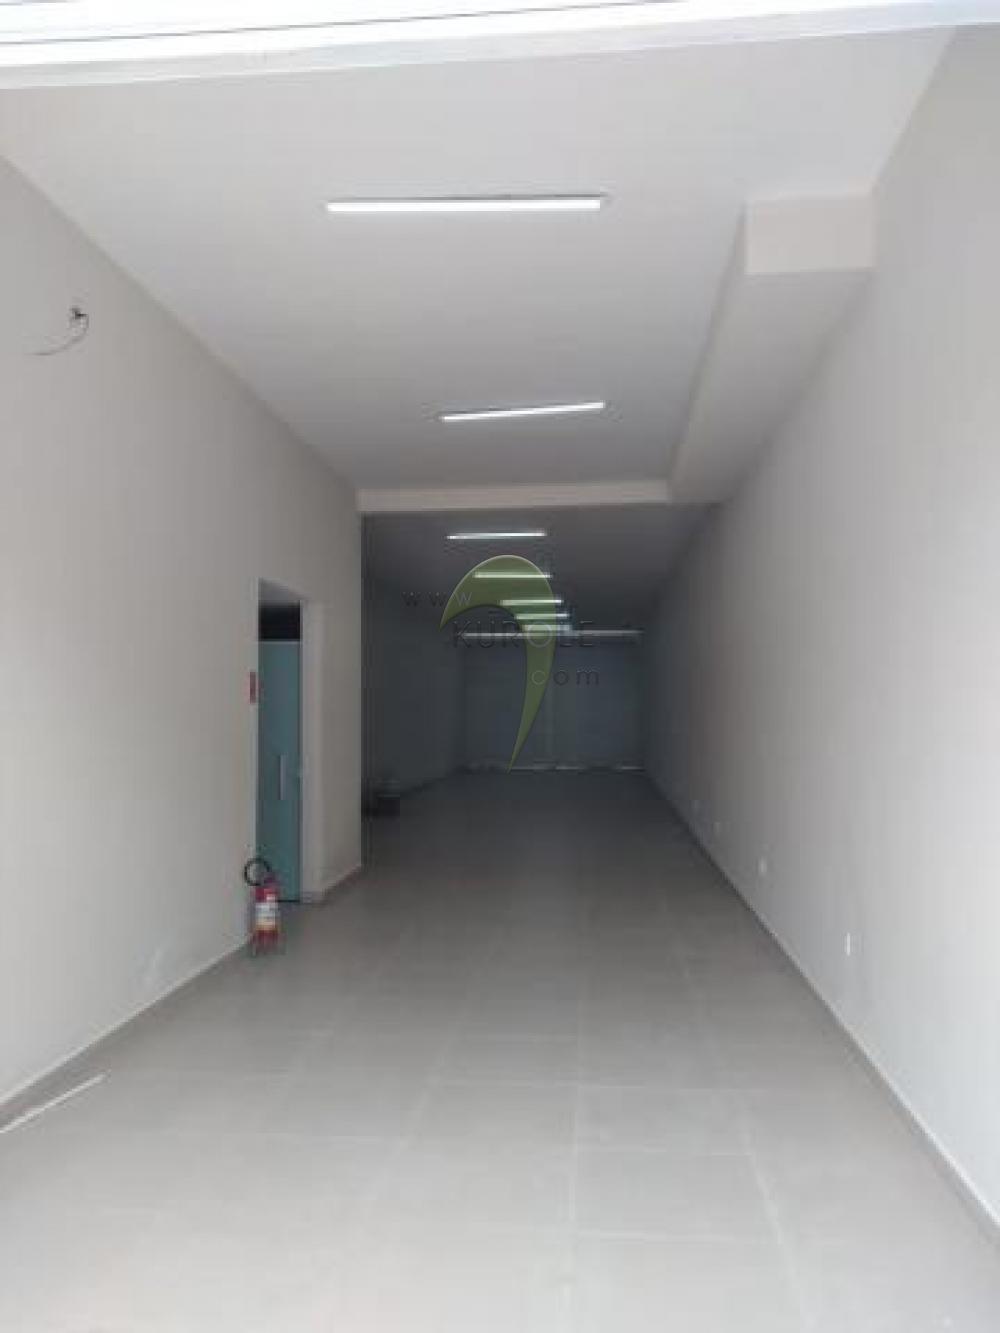 alt='Comprar Apartamento / Cobertura em Pradópolis R$ 150.000,00 - Foto 2' title='Comprar Apartamento / Cobertura em Pradópolis R$ 150.000,00 - Foto 2'